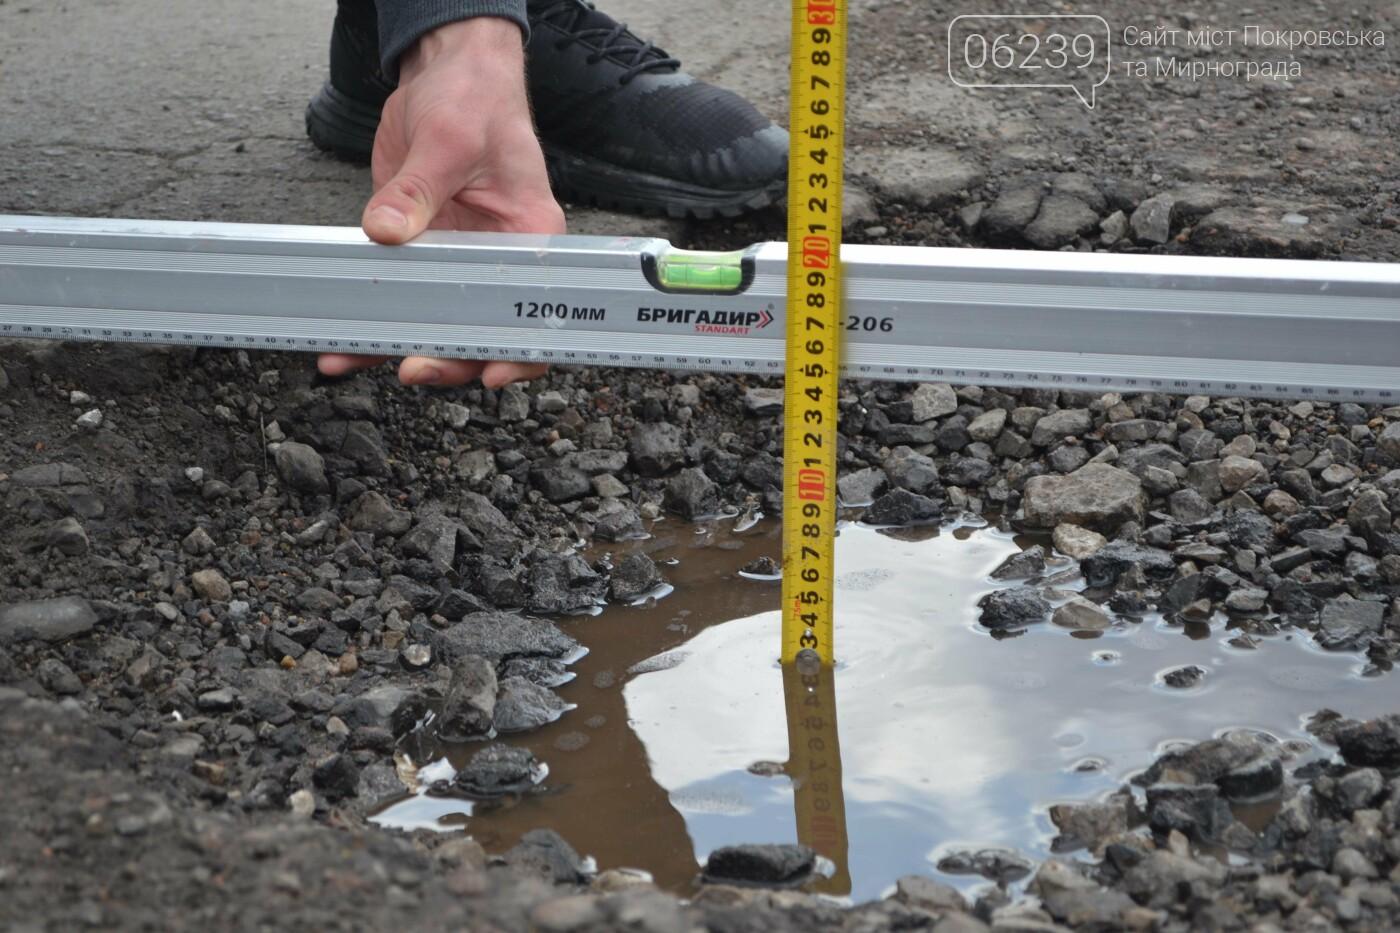 Попал в яму — сам виноват: копы составили протокол на водителя из Покровска, который, въехав в яму, повредил авто, фото-20